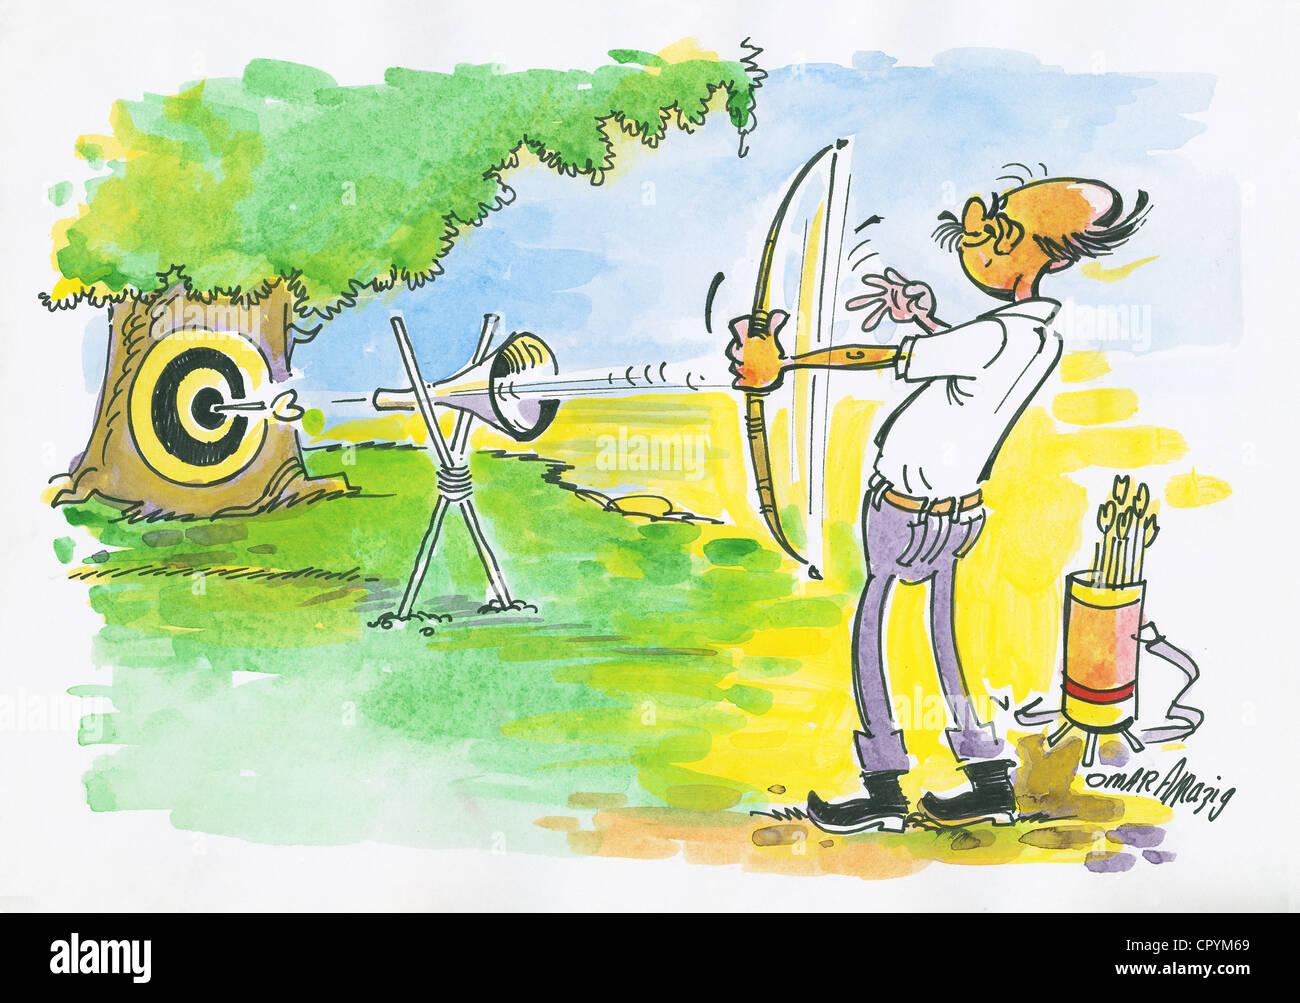 Karikaturen Stockfotos & Karikaturen Bilder